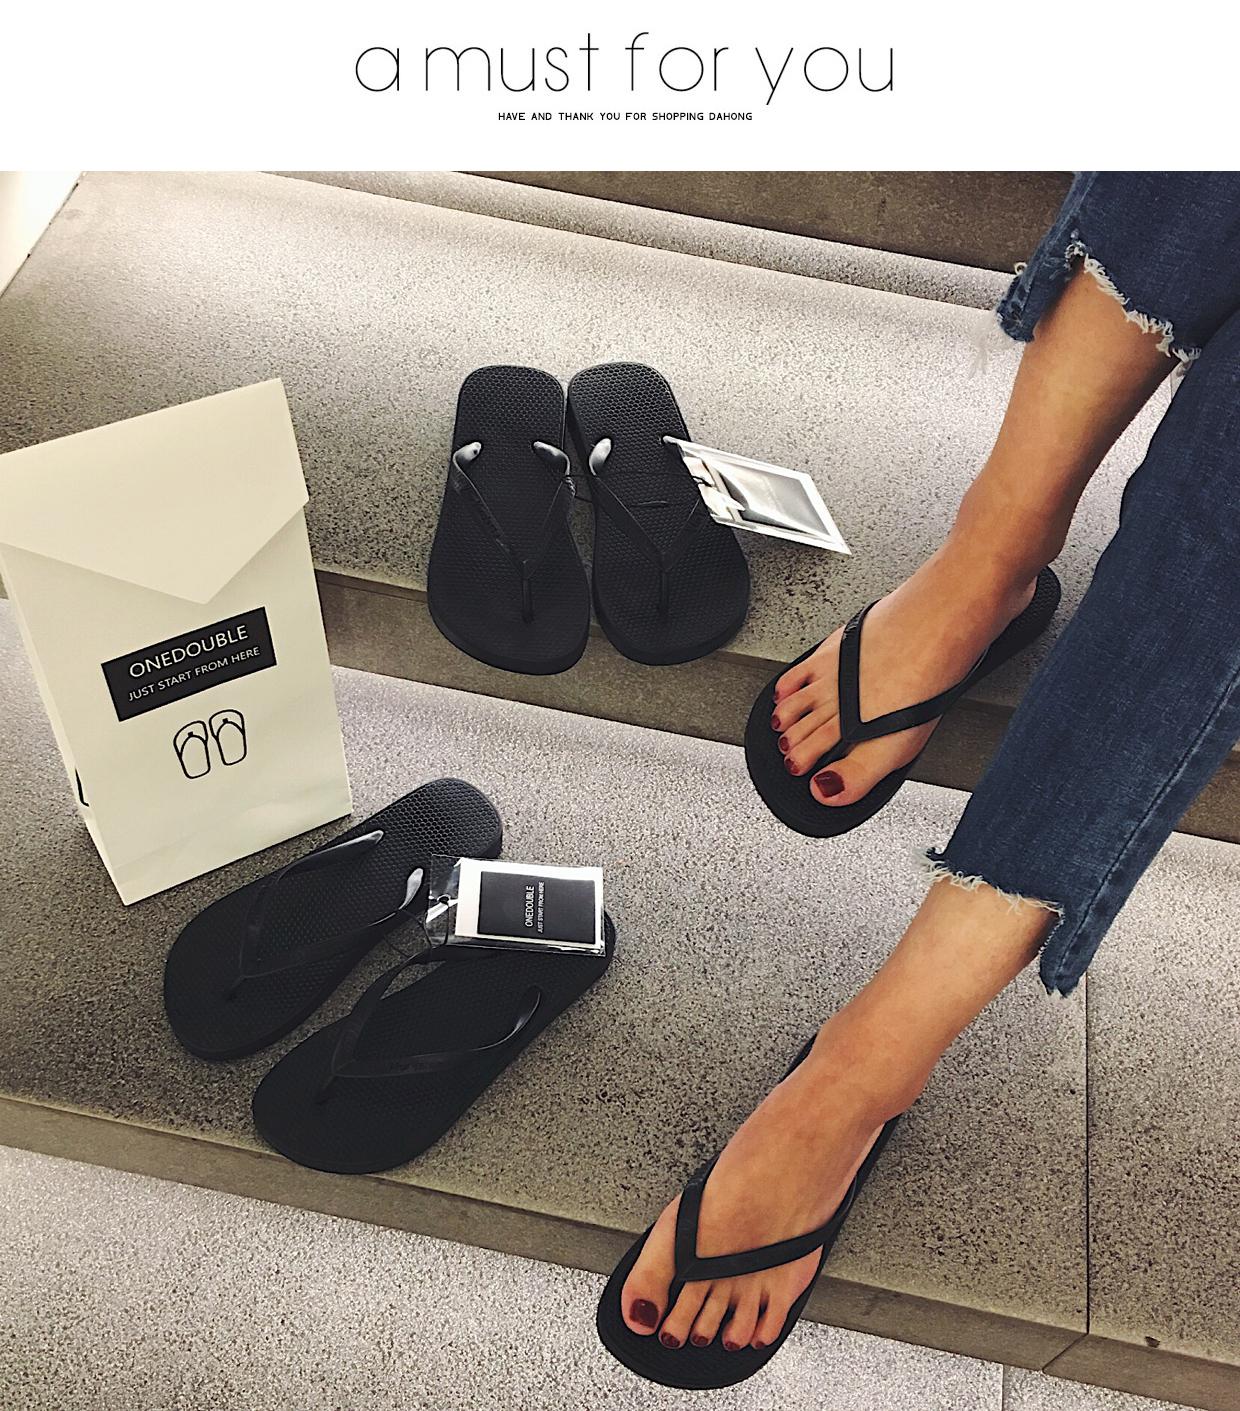 新款黑色人字拖女夹角凉拖鞋女夏外穿防滑平底跟沙滩鞋情侣拖详细照片